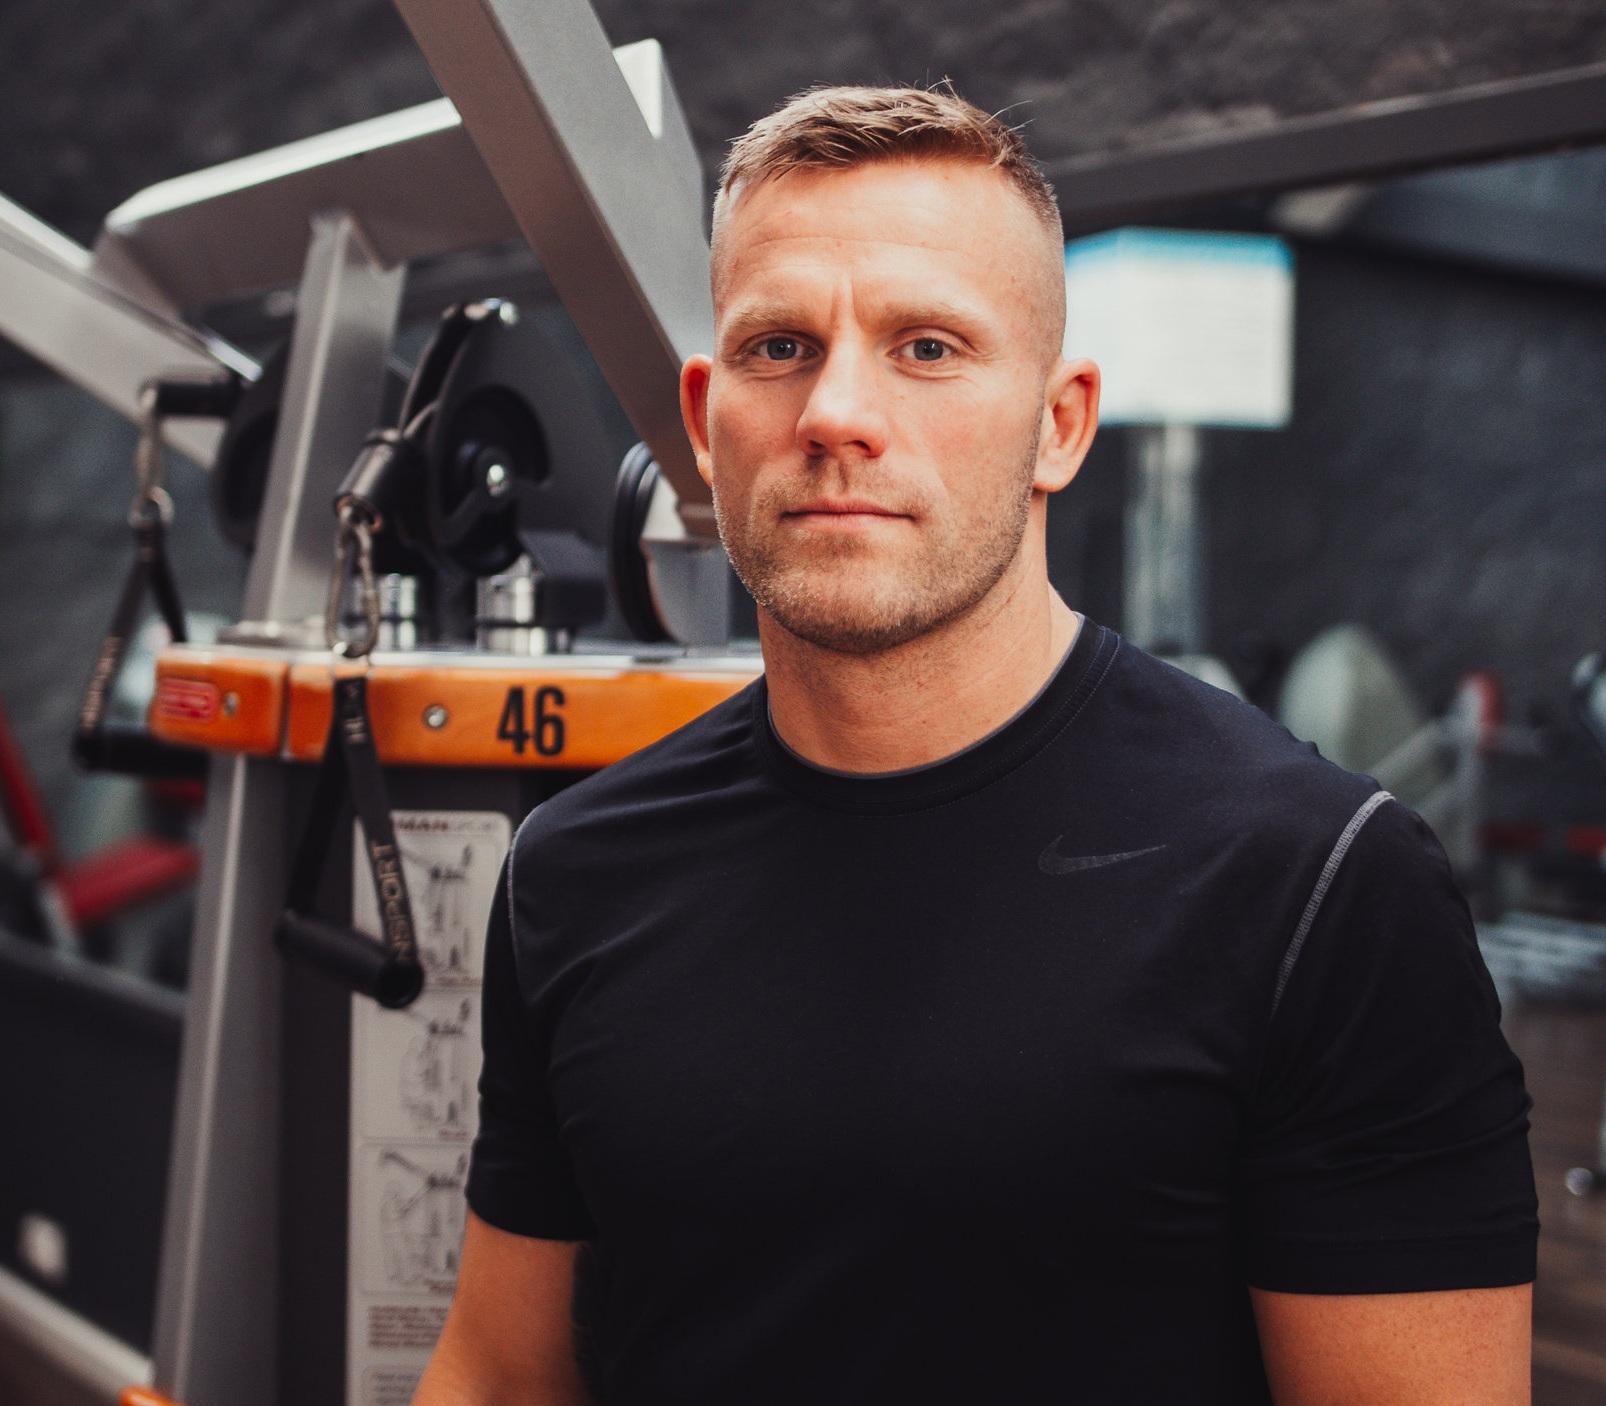 Tim - Hey Ich bin Tim, Fitness- und Personal Trainer und Inhaber des Team Hammerheads Fightcenter. Neben meinen Kursen und Training studiere ich Fitnessökonomie an der IST.